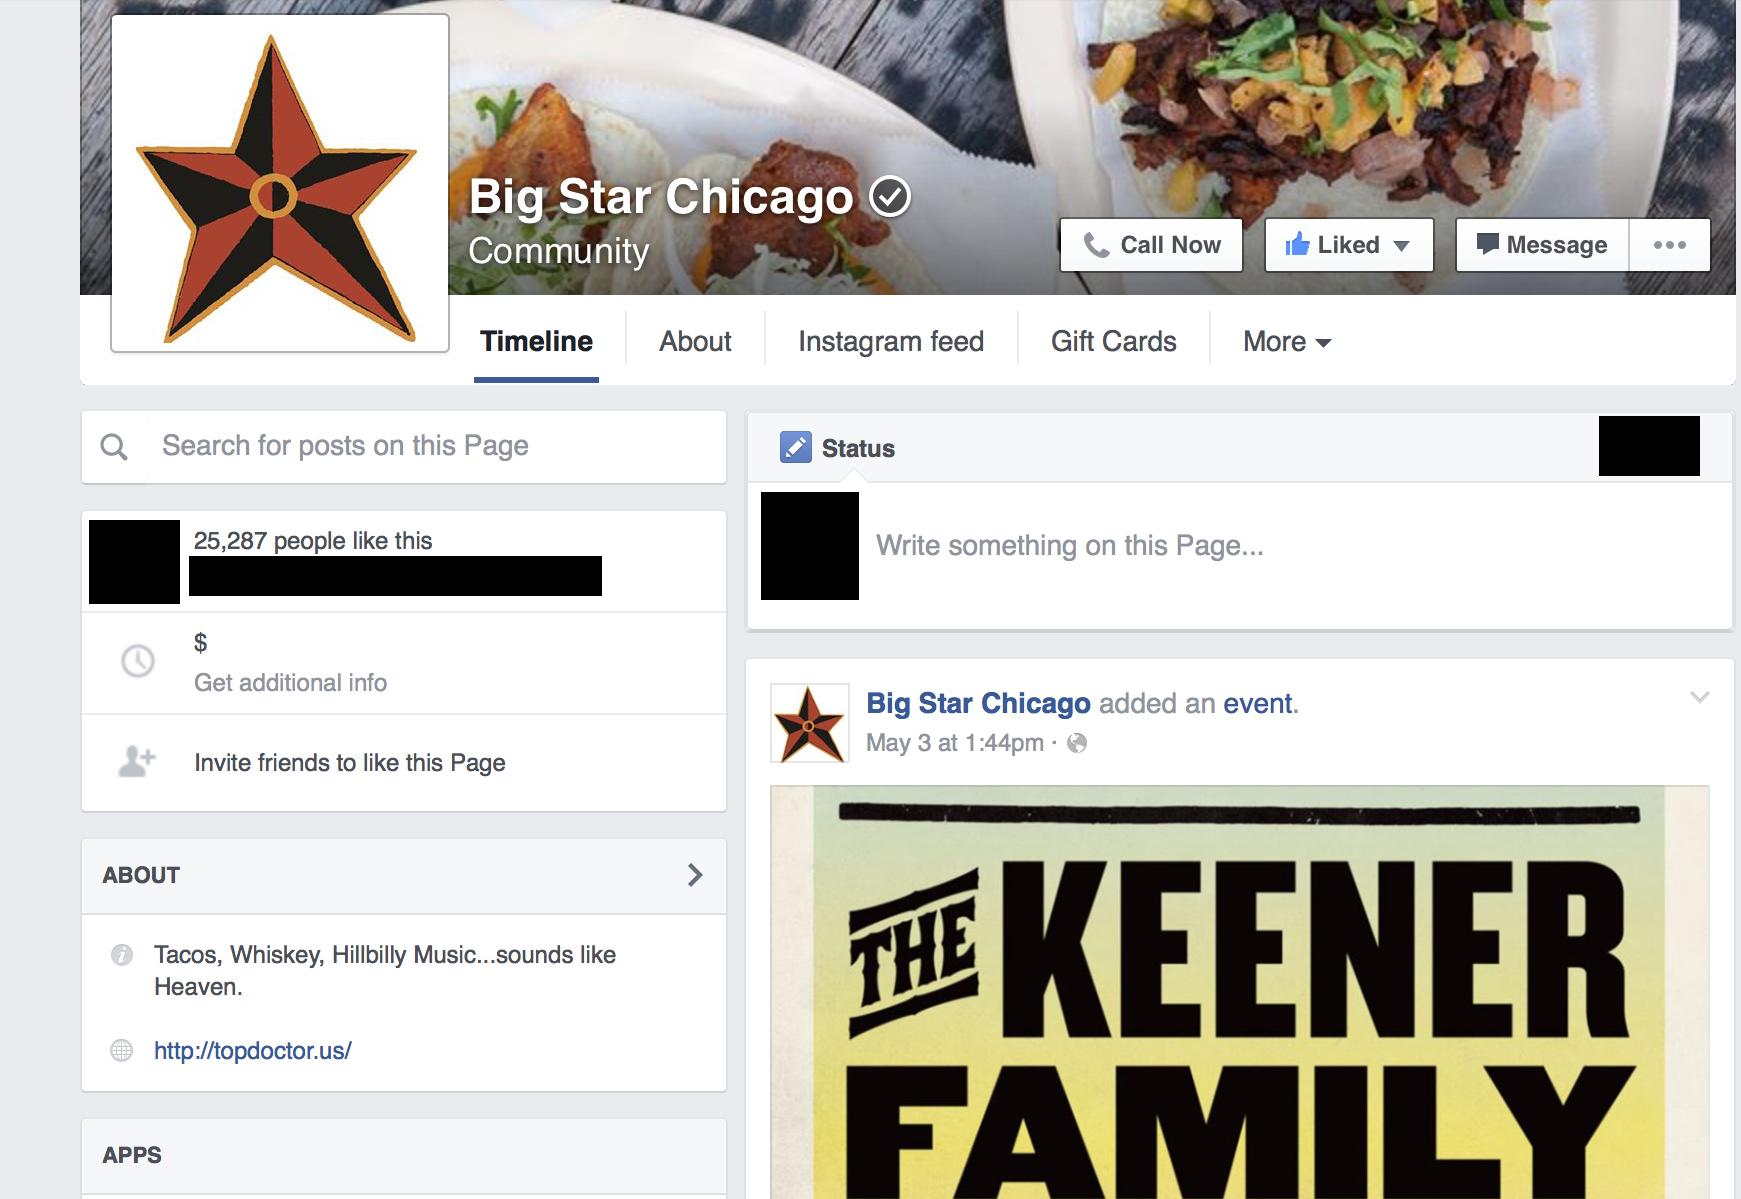 Big Star's Facebook page